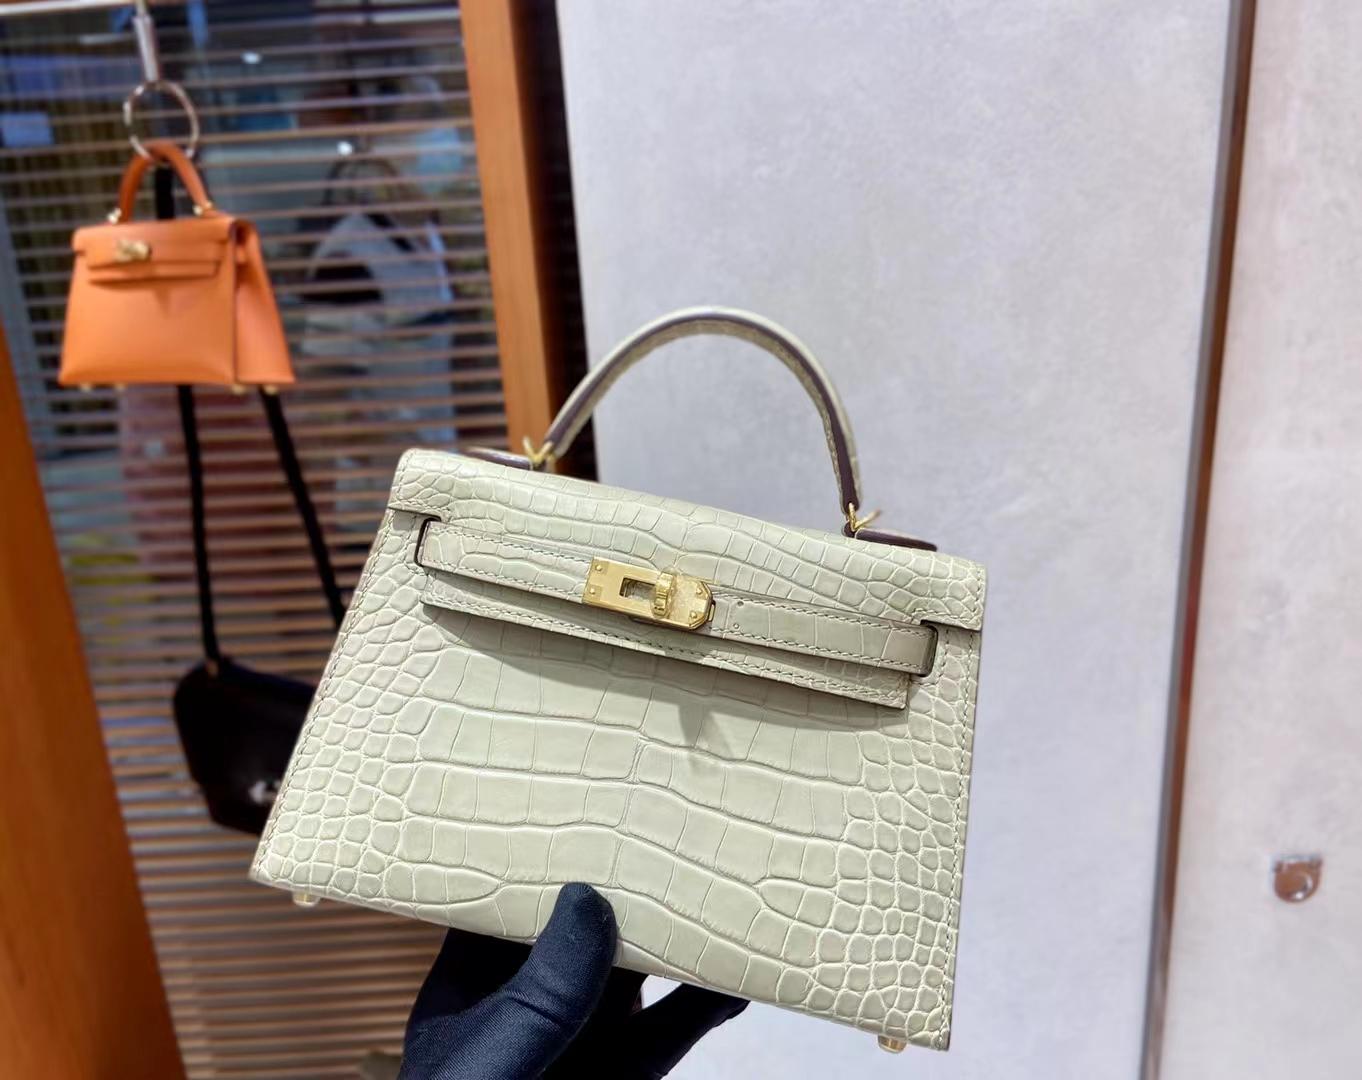 Hermès(爱马仕)MiniKelly 迷你凯莉 雾面鳄鱼 S2 风衣灰 金扣 二代 顶级纯手工 现货